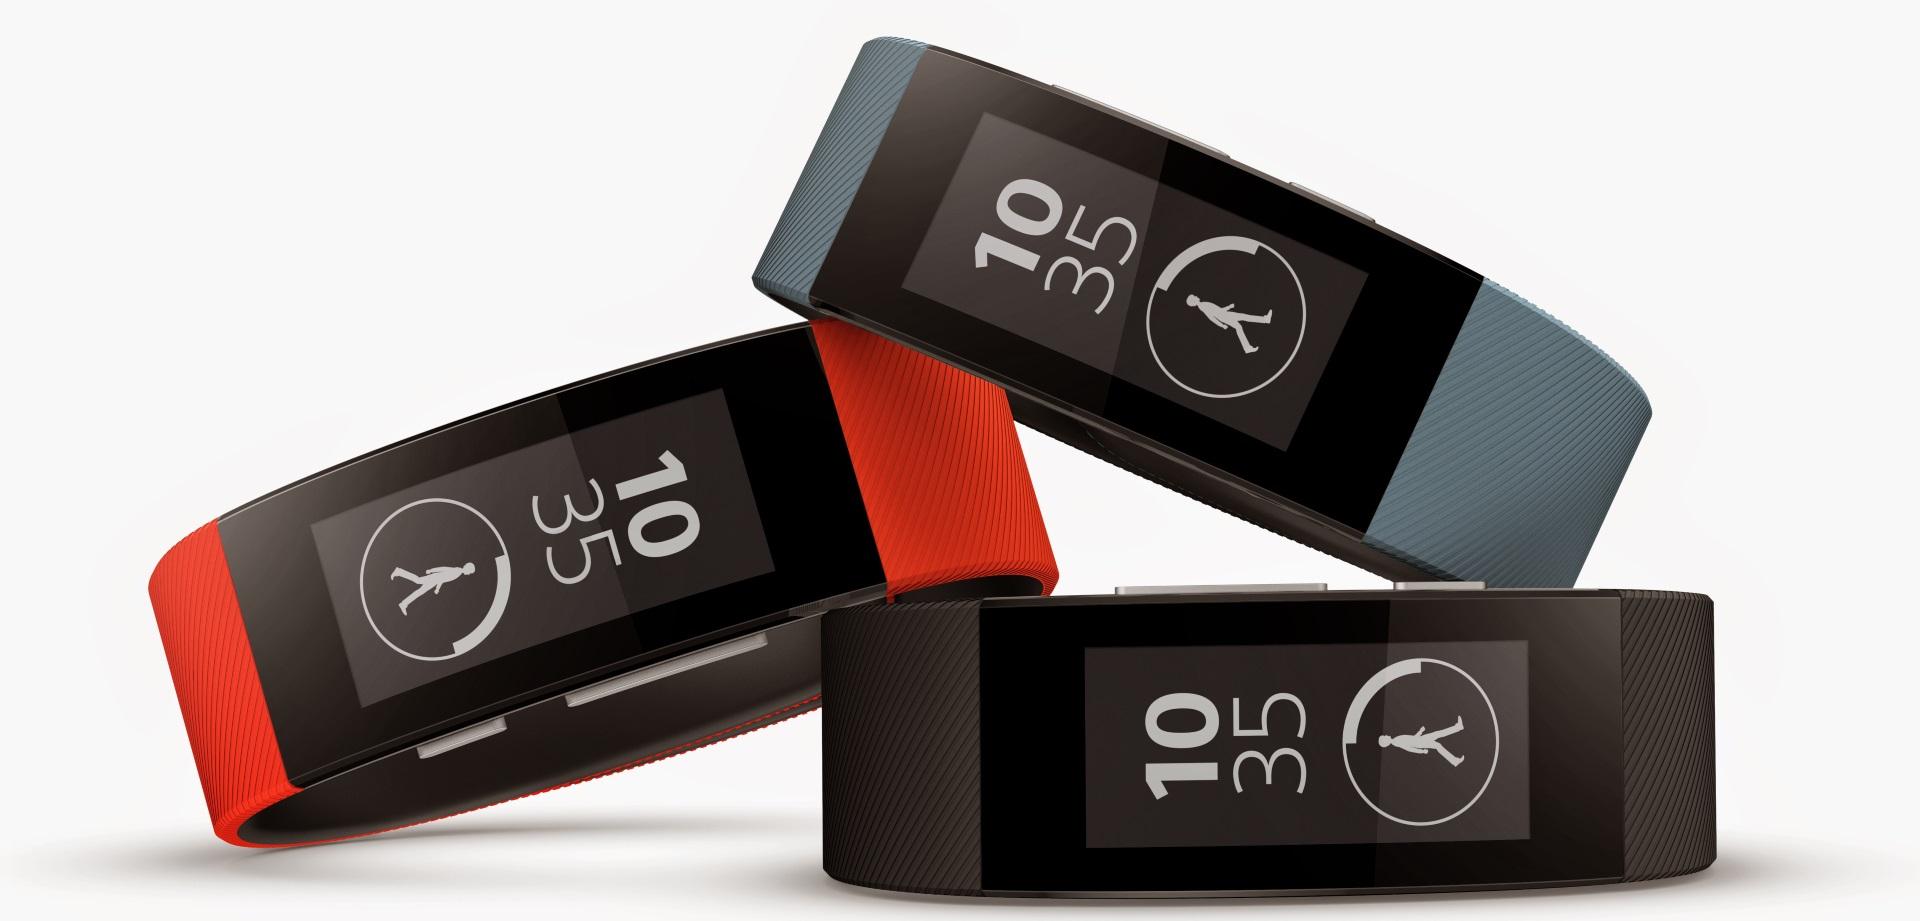 Sony Pulsera Digital Libertad Su Y Reloj Inteligentes Actualiza rxoeQBEdCW